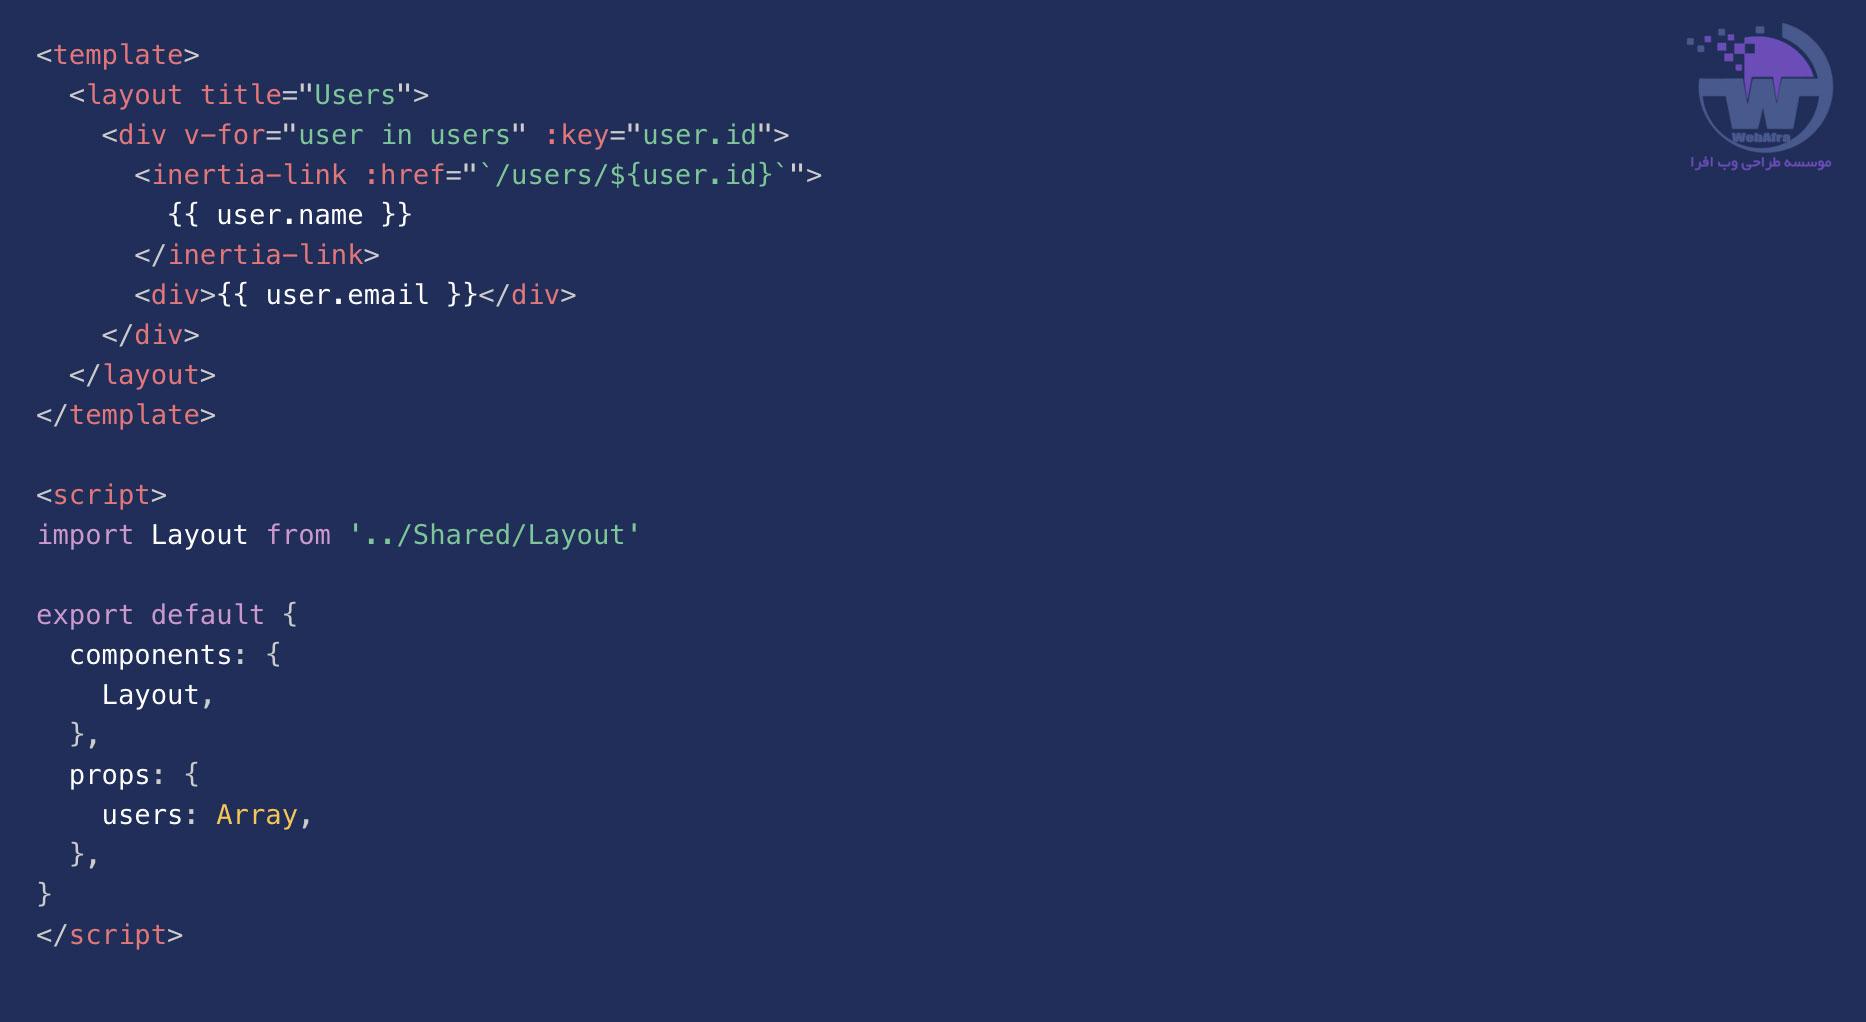 نمونه کد استفاده از inertia js در کامپوننت vue js درون لاراول